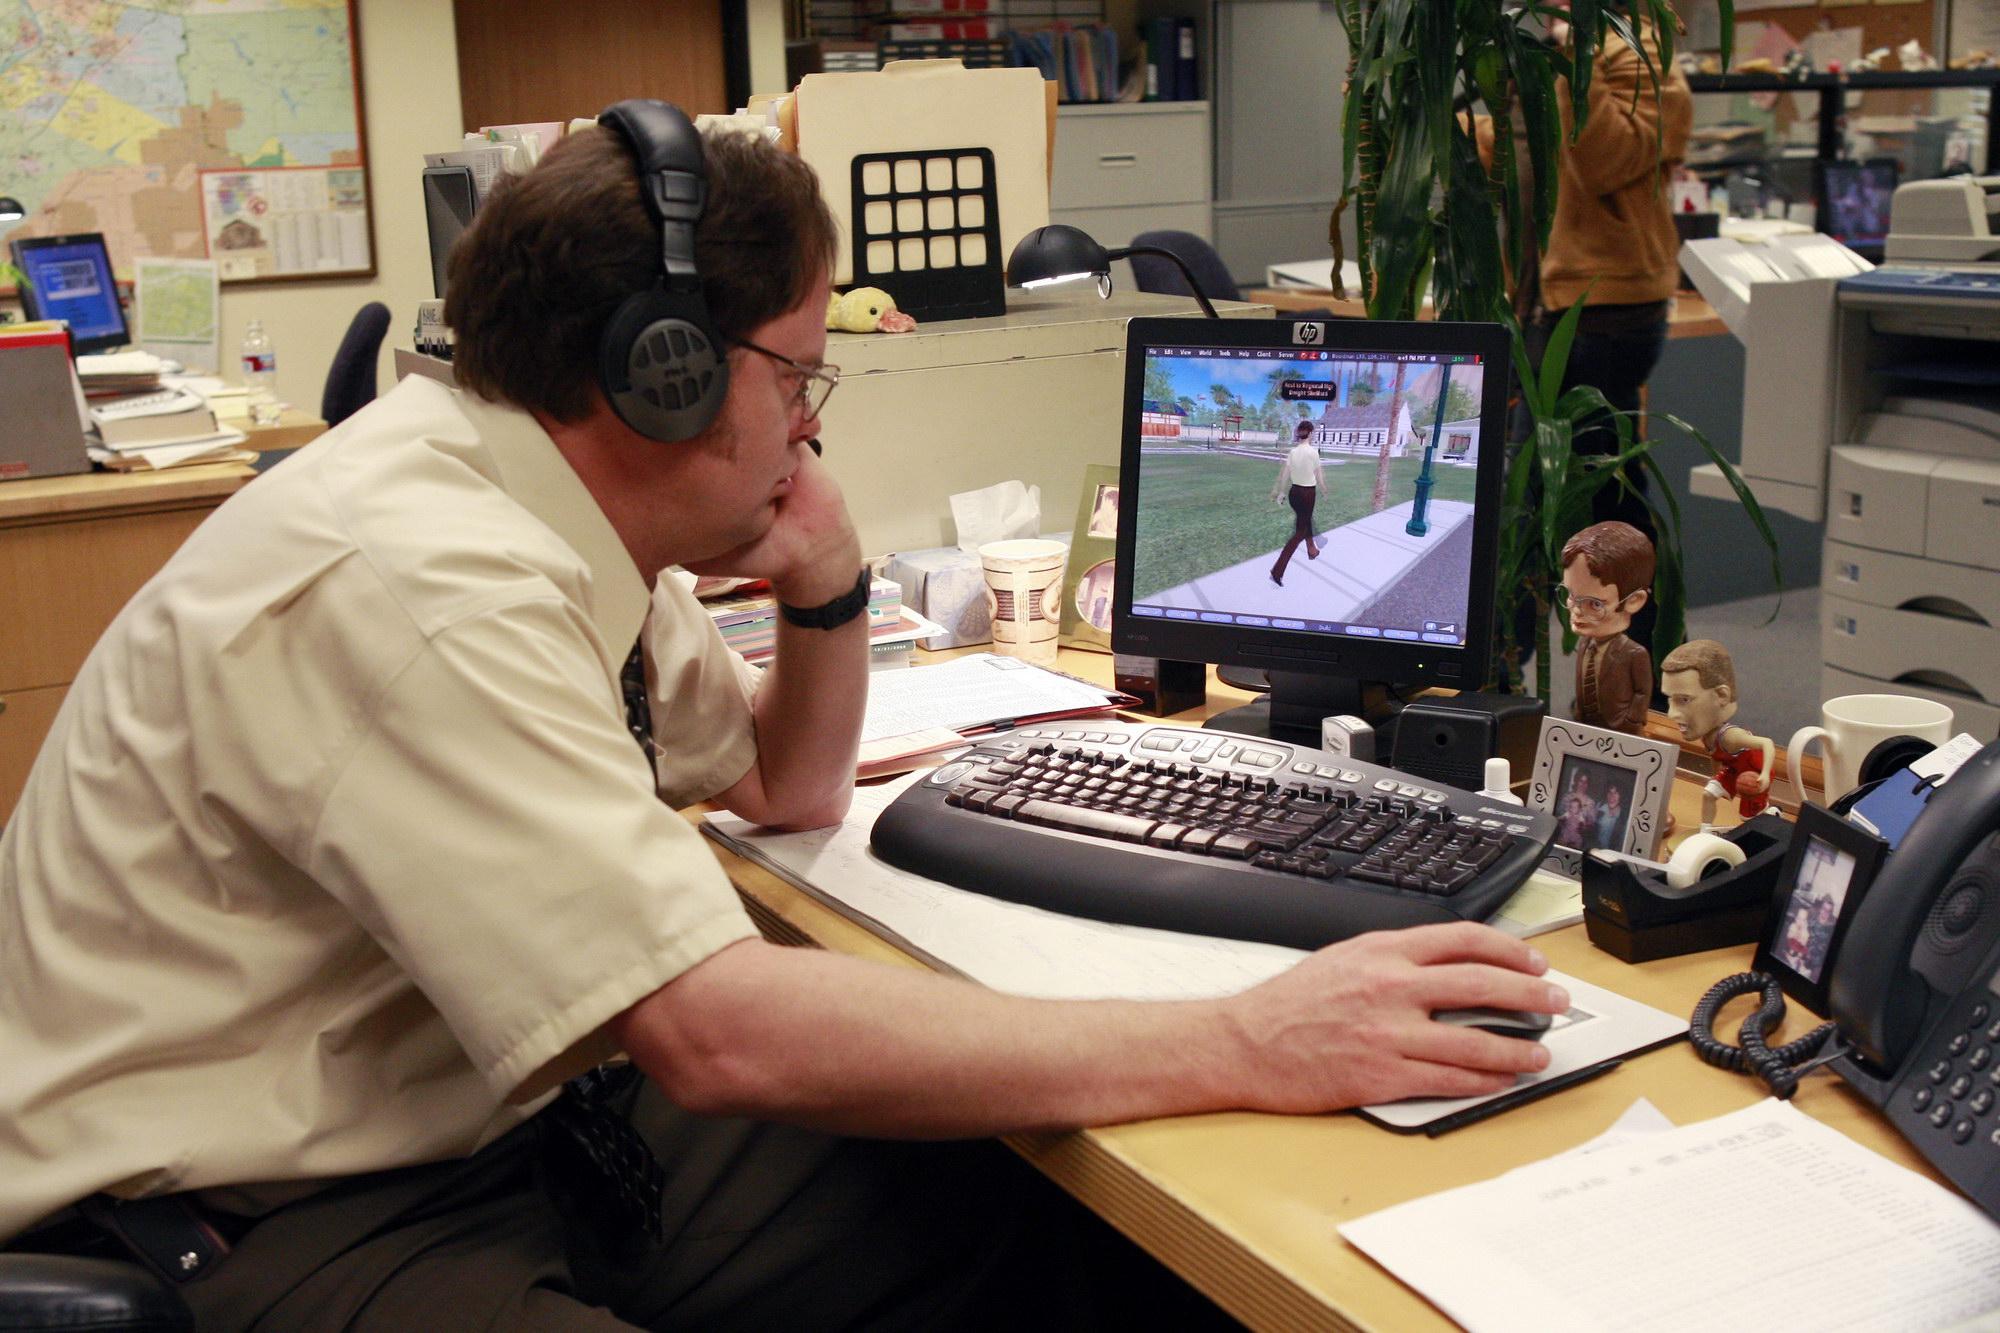 муж играет в компьютерные документы, Бухгалтерская справка